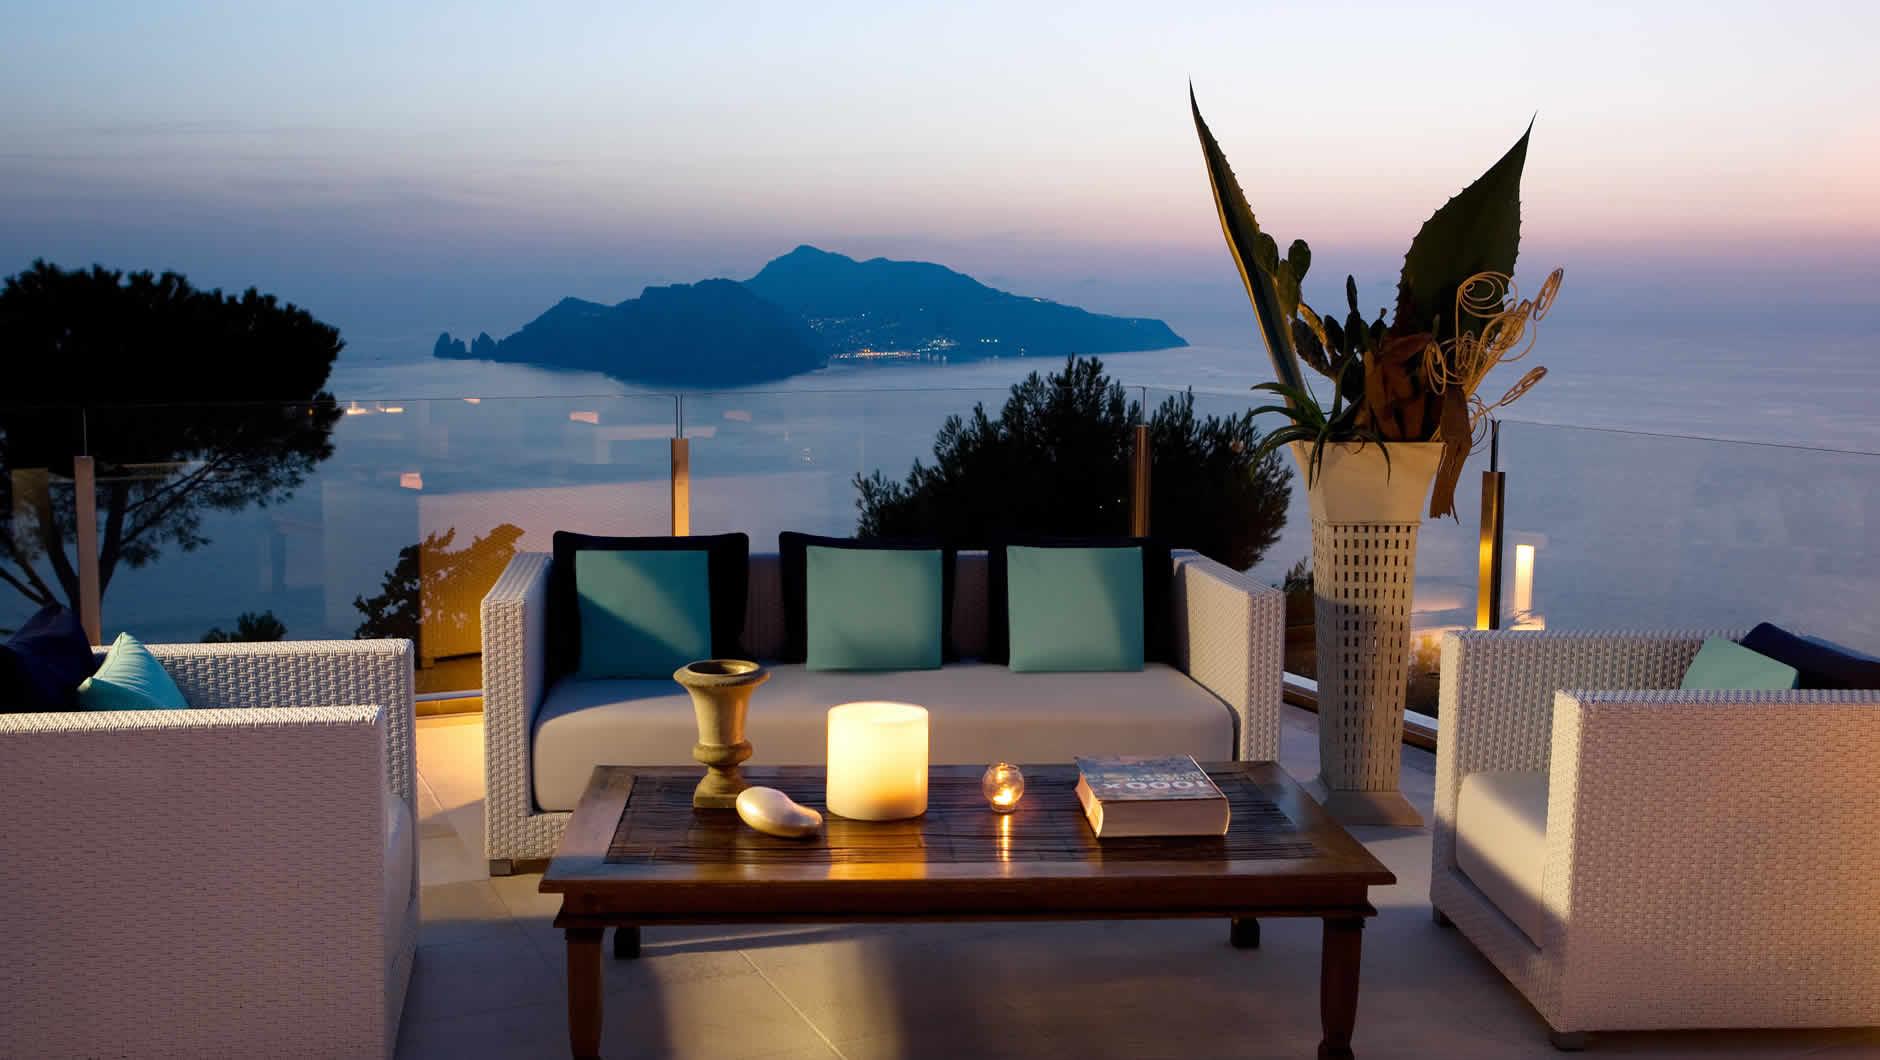 Relais blu sito web ufficiale boutique hotel for Conca azzurra massa lubrense piscine